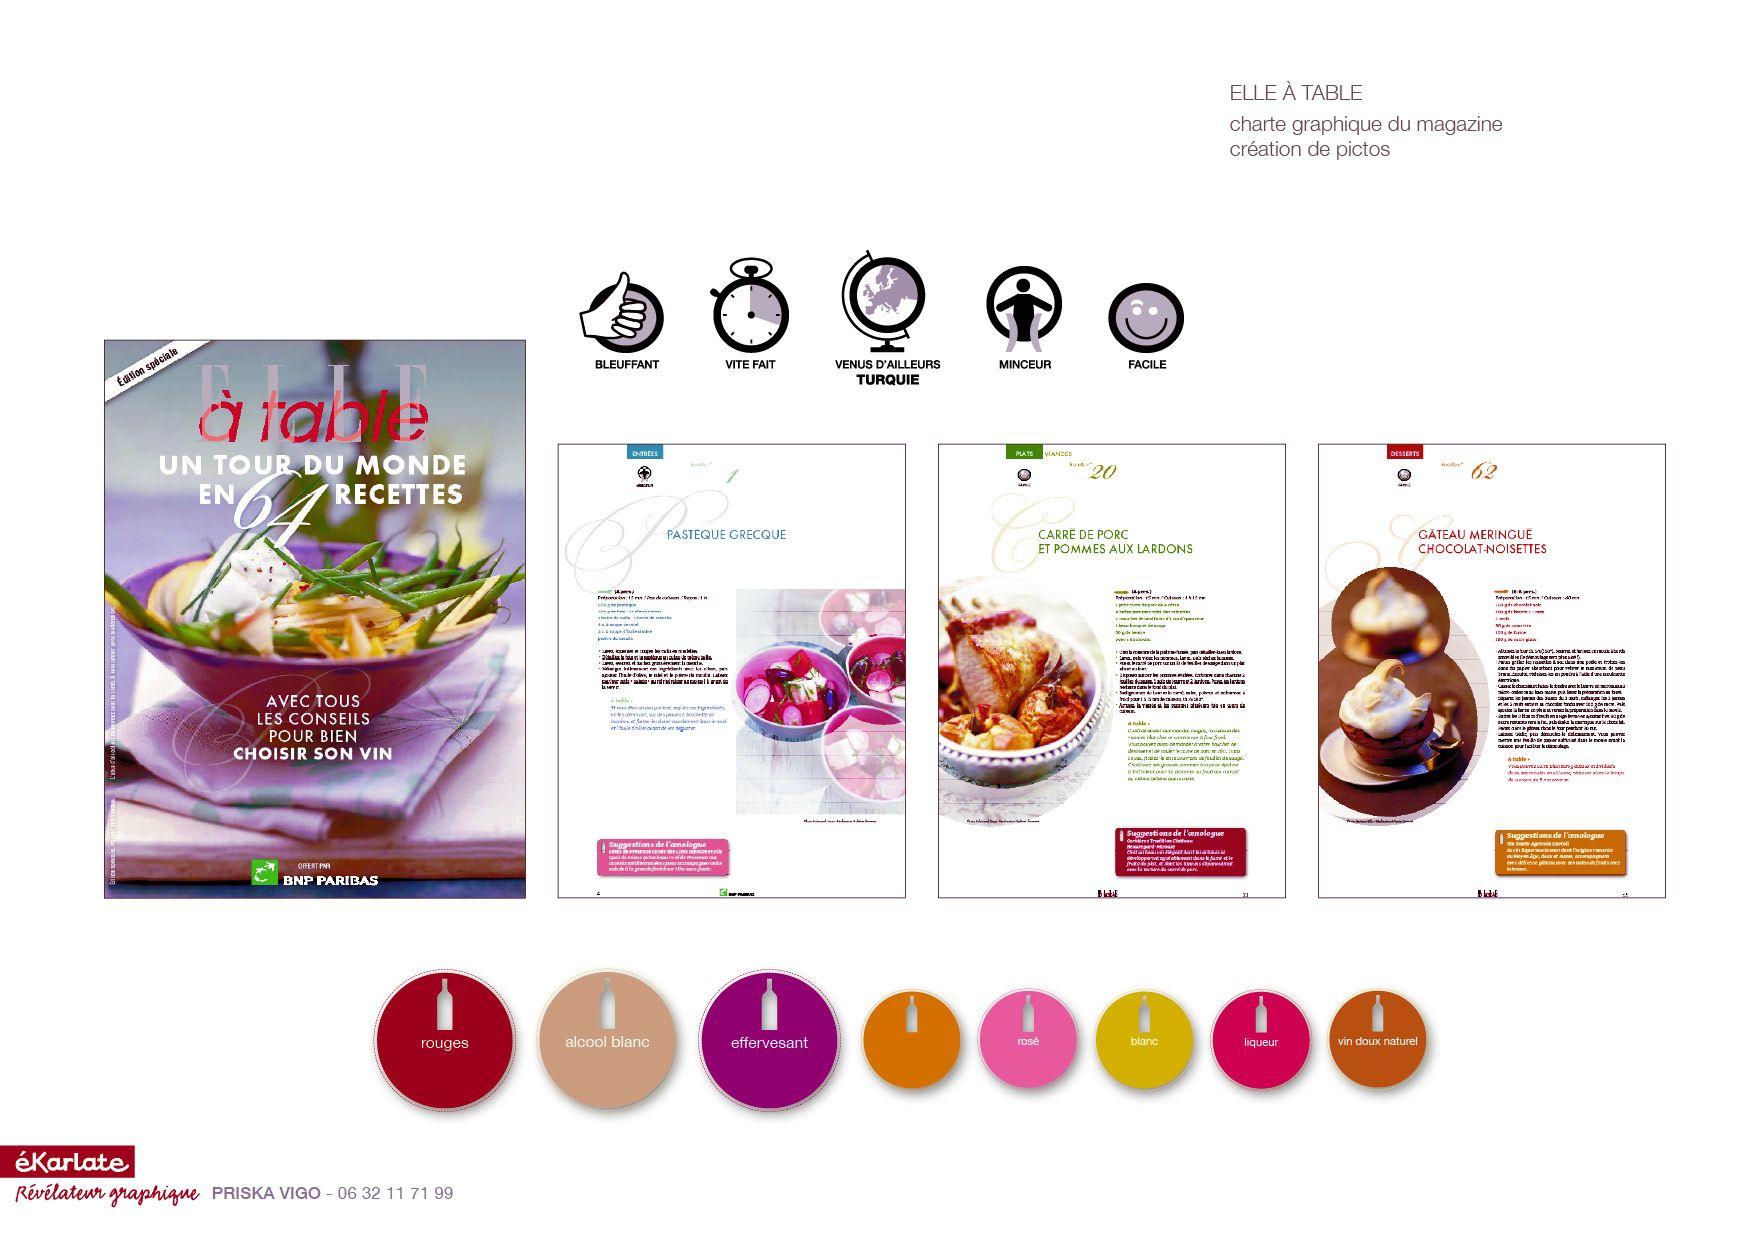 bf4f0ded38f64577e398831ab85393da Meilleur De De Table Pour Cuisine Des Idées